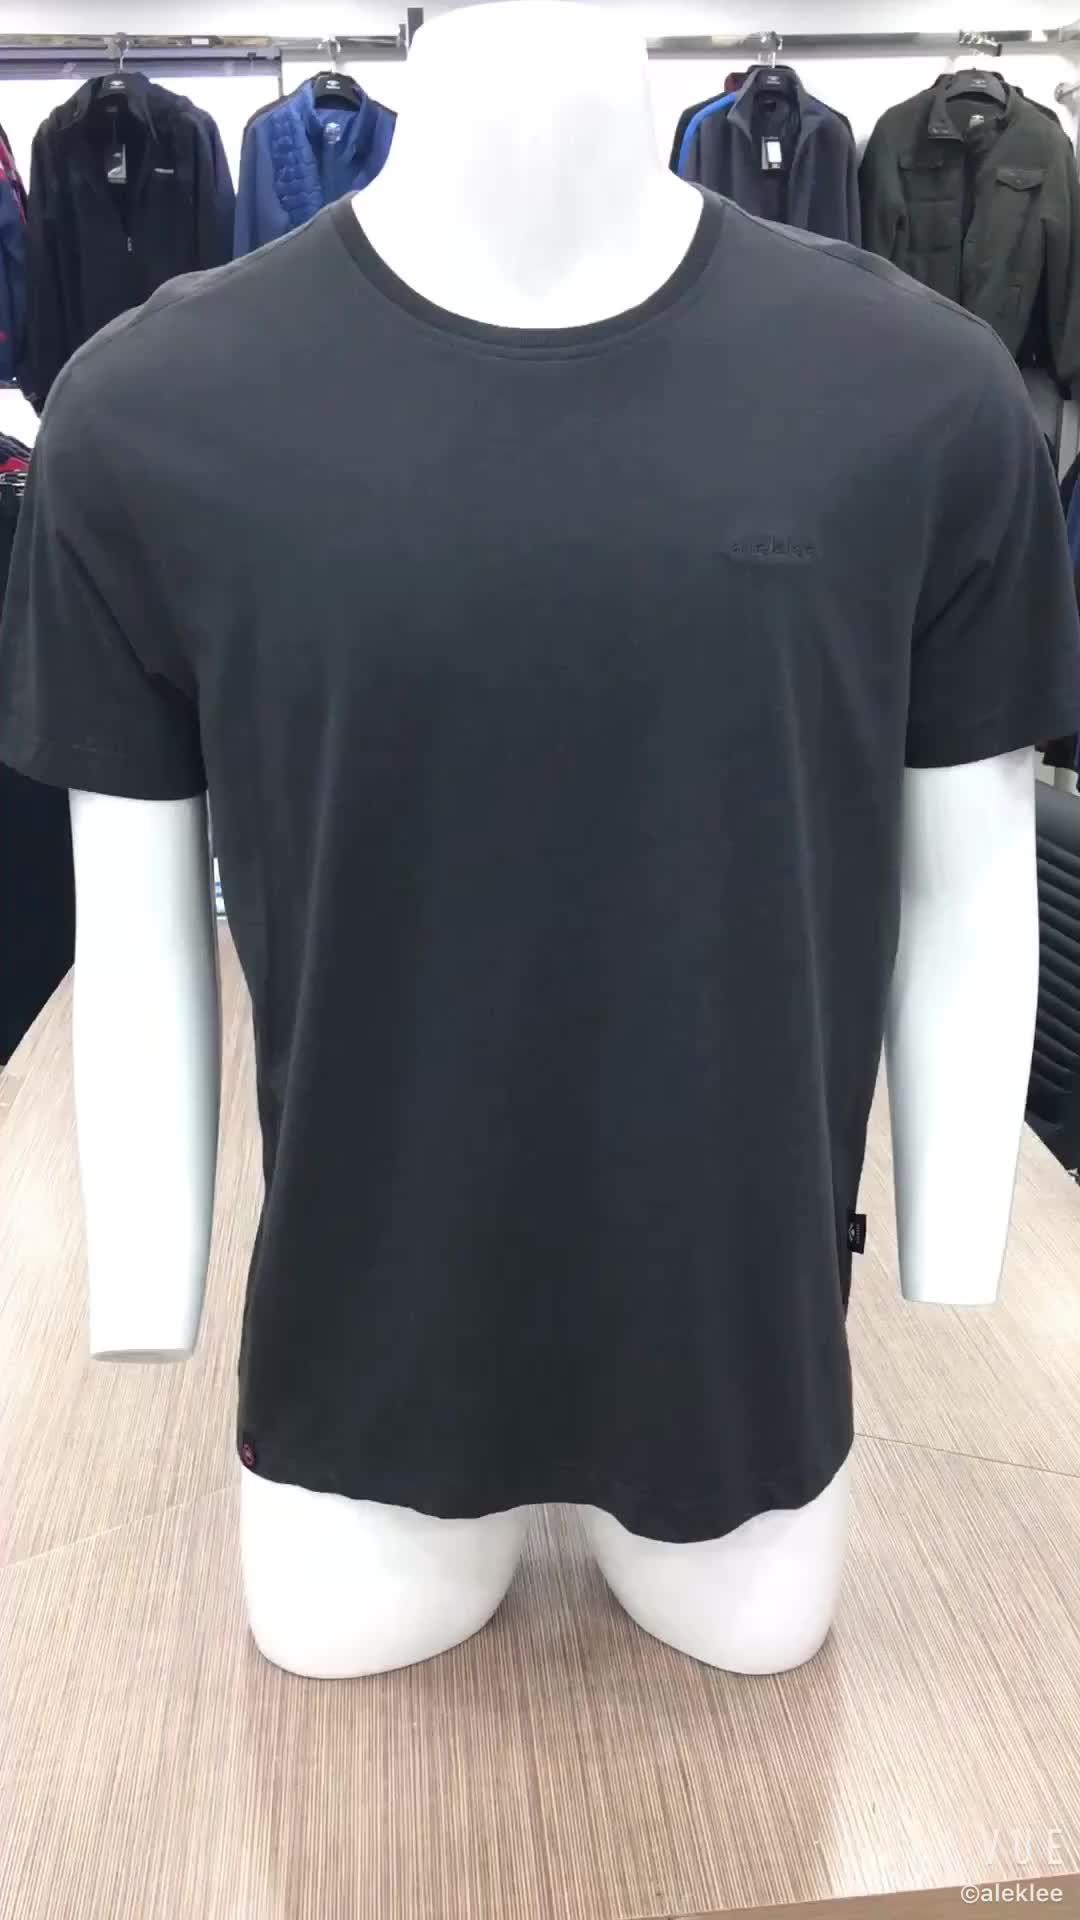 Venta de la fábrica 65% algodón 35% poliéster hombres en blanco al por mayor de algodón de manga corta Deporte Camiseta de los hombres